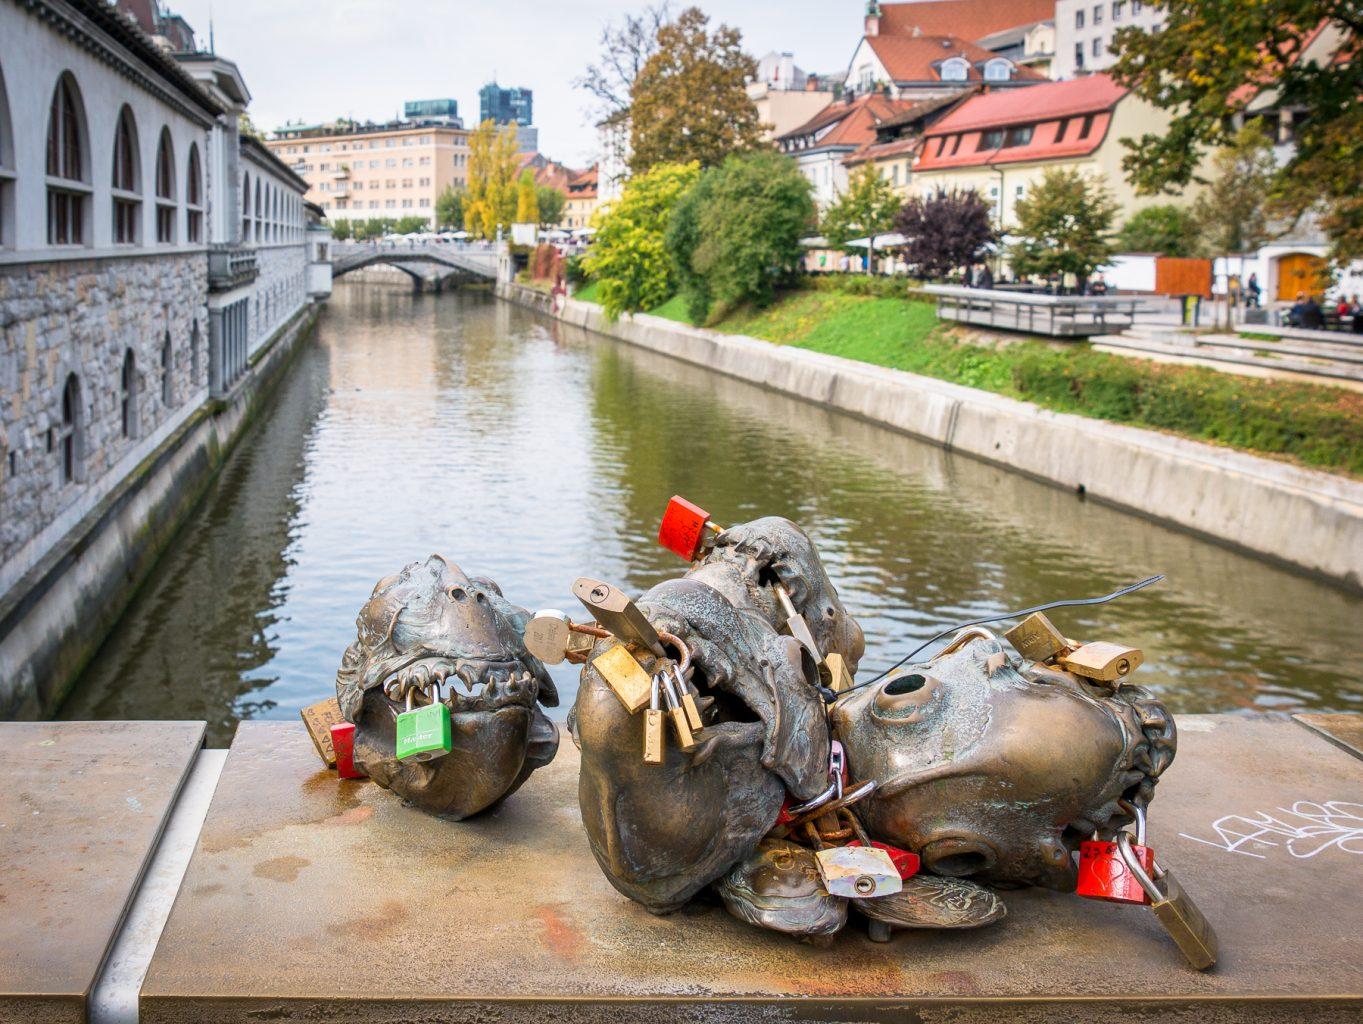 Sculptures on Butcher's Bridge